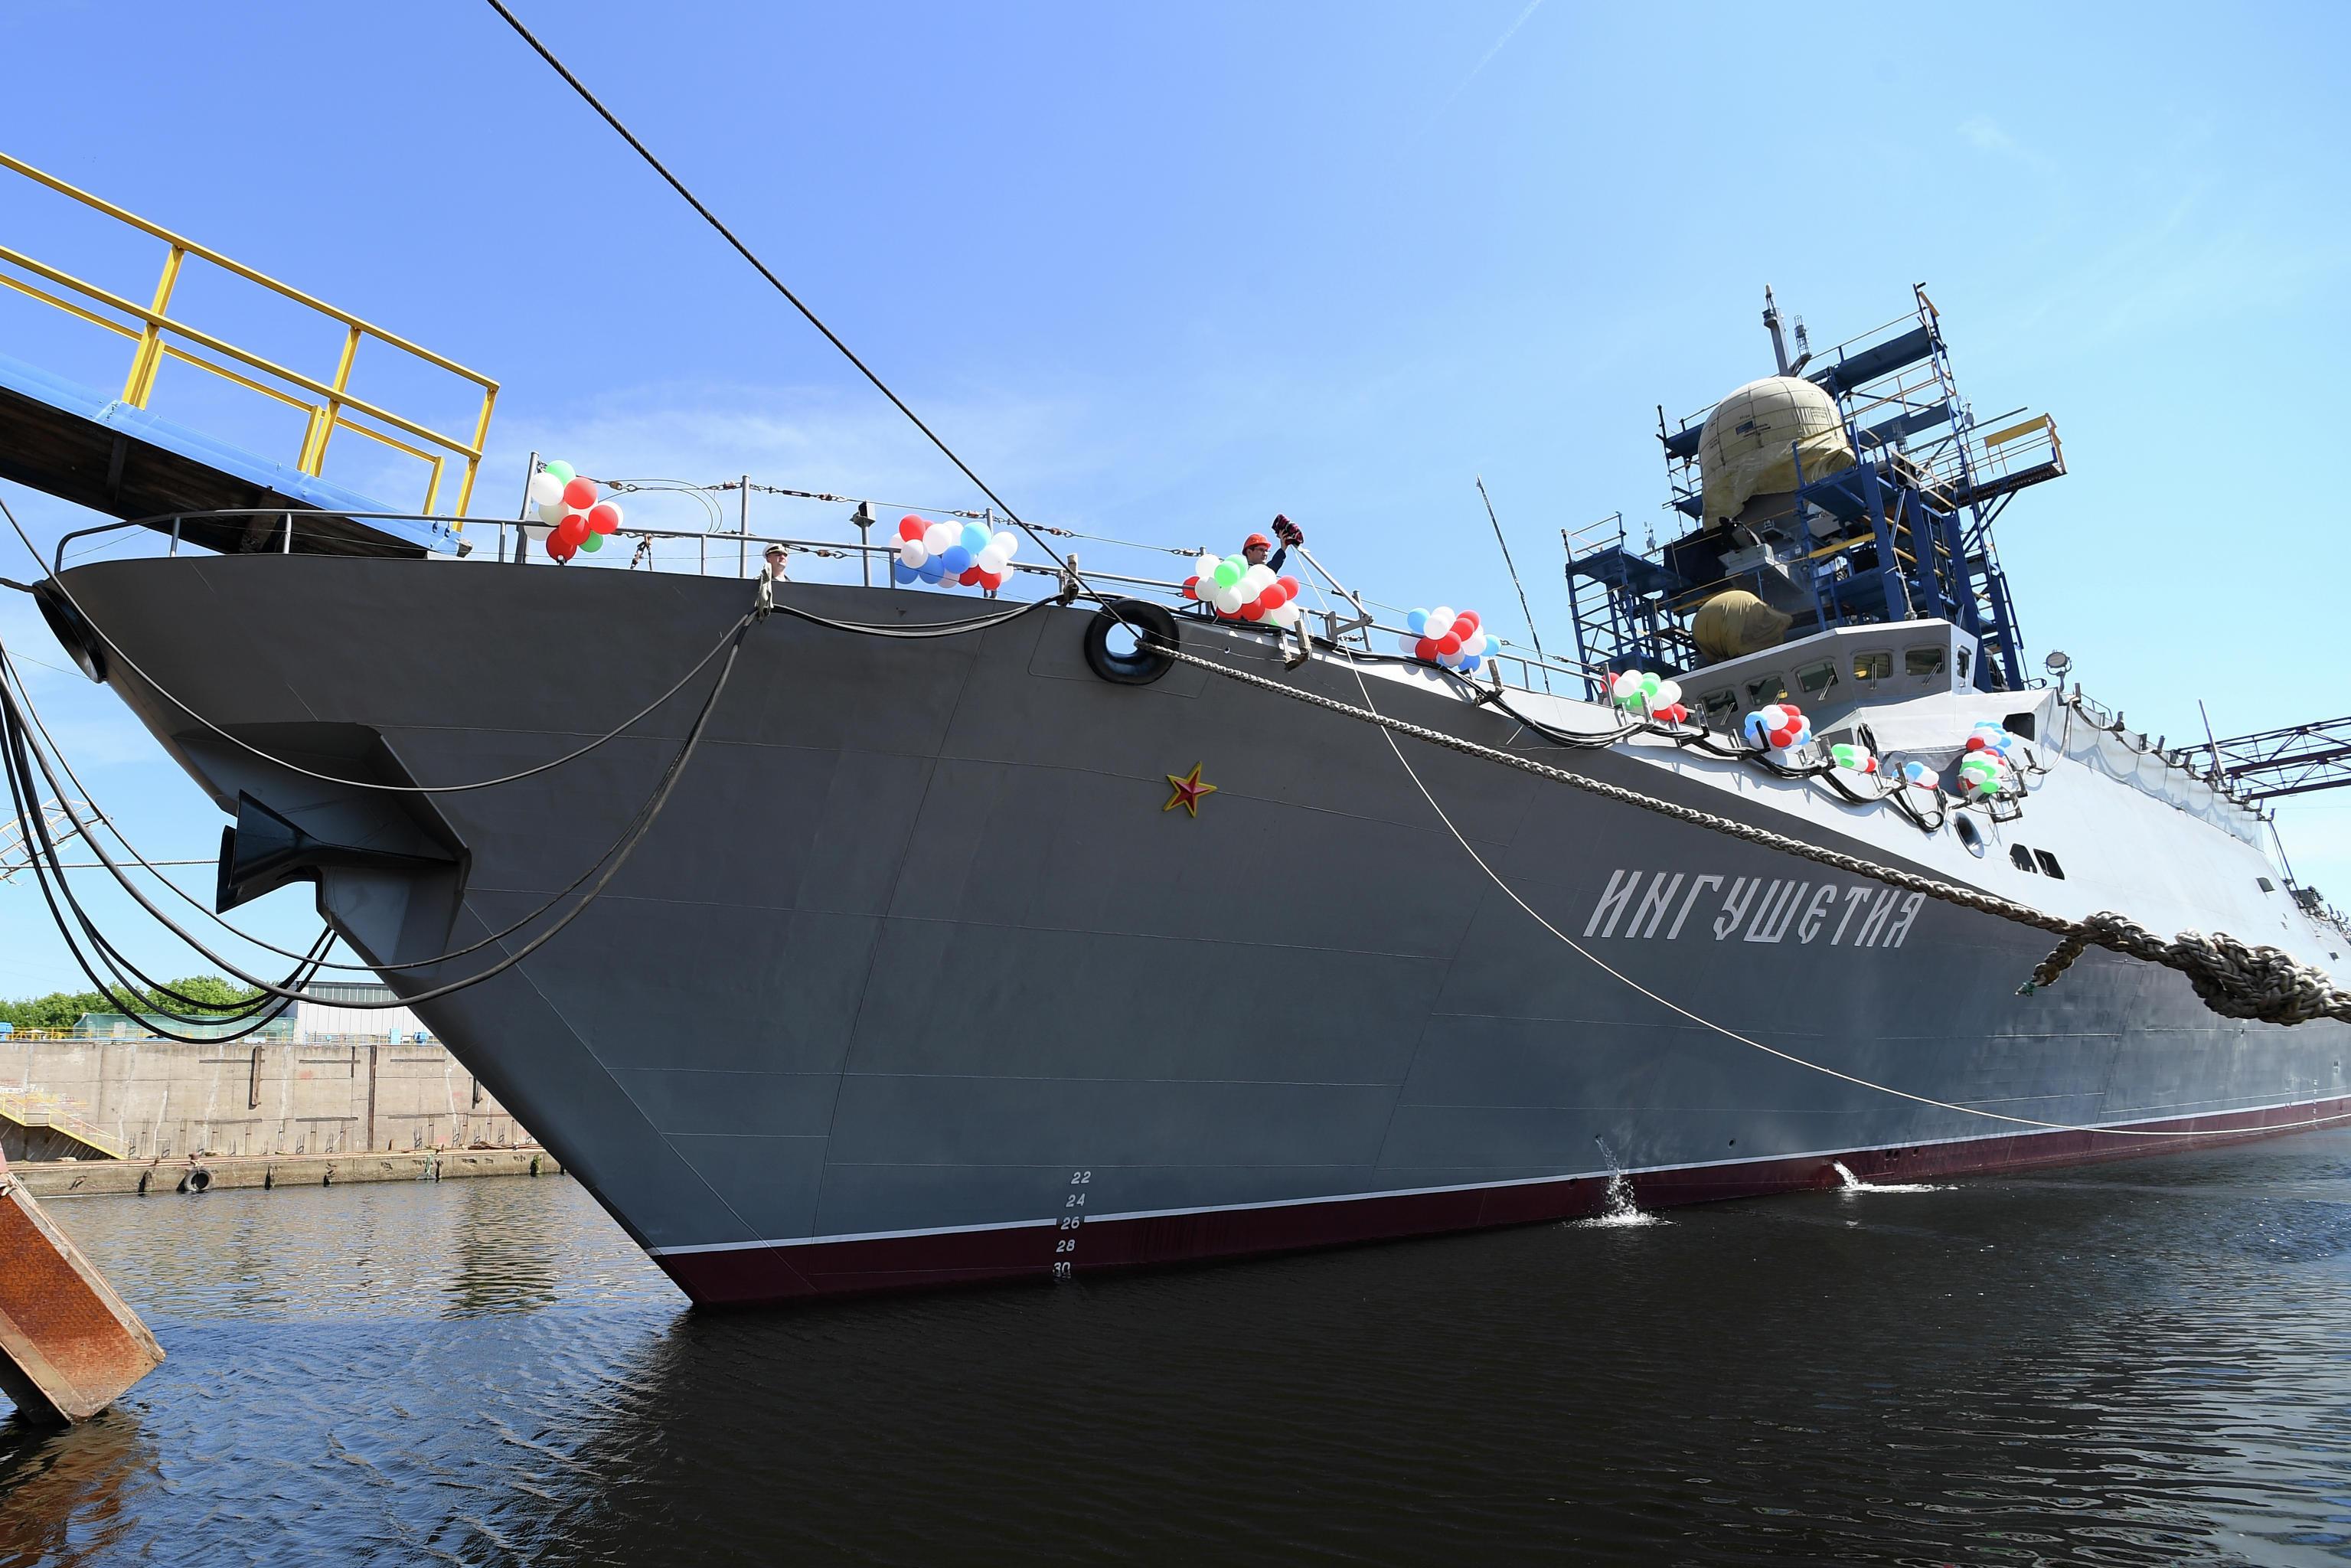 <b>俄罗斯新舰即将交付,采用中国发动机,俄网友:向强者学习不羞愧</b>